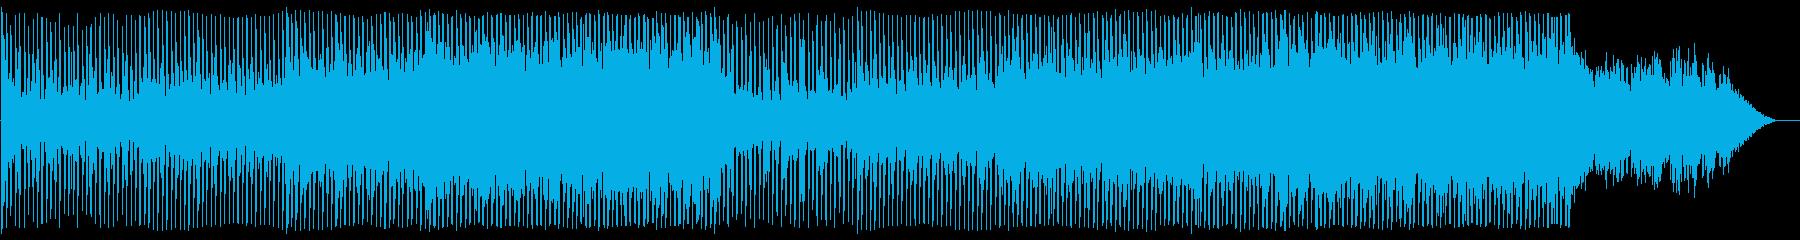 メローでリズミカルなテクノポップサウンドの再生済みの波形